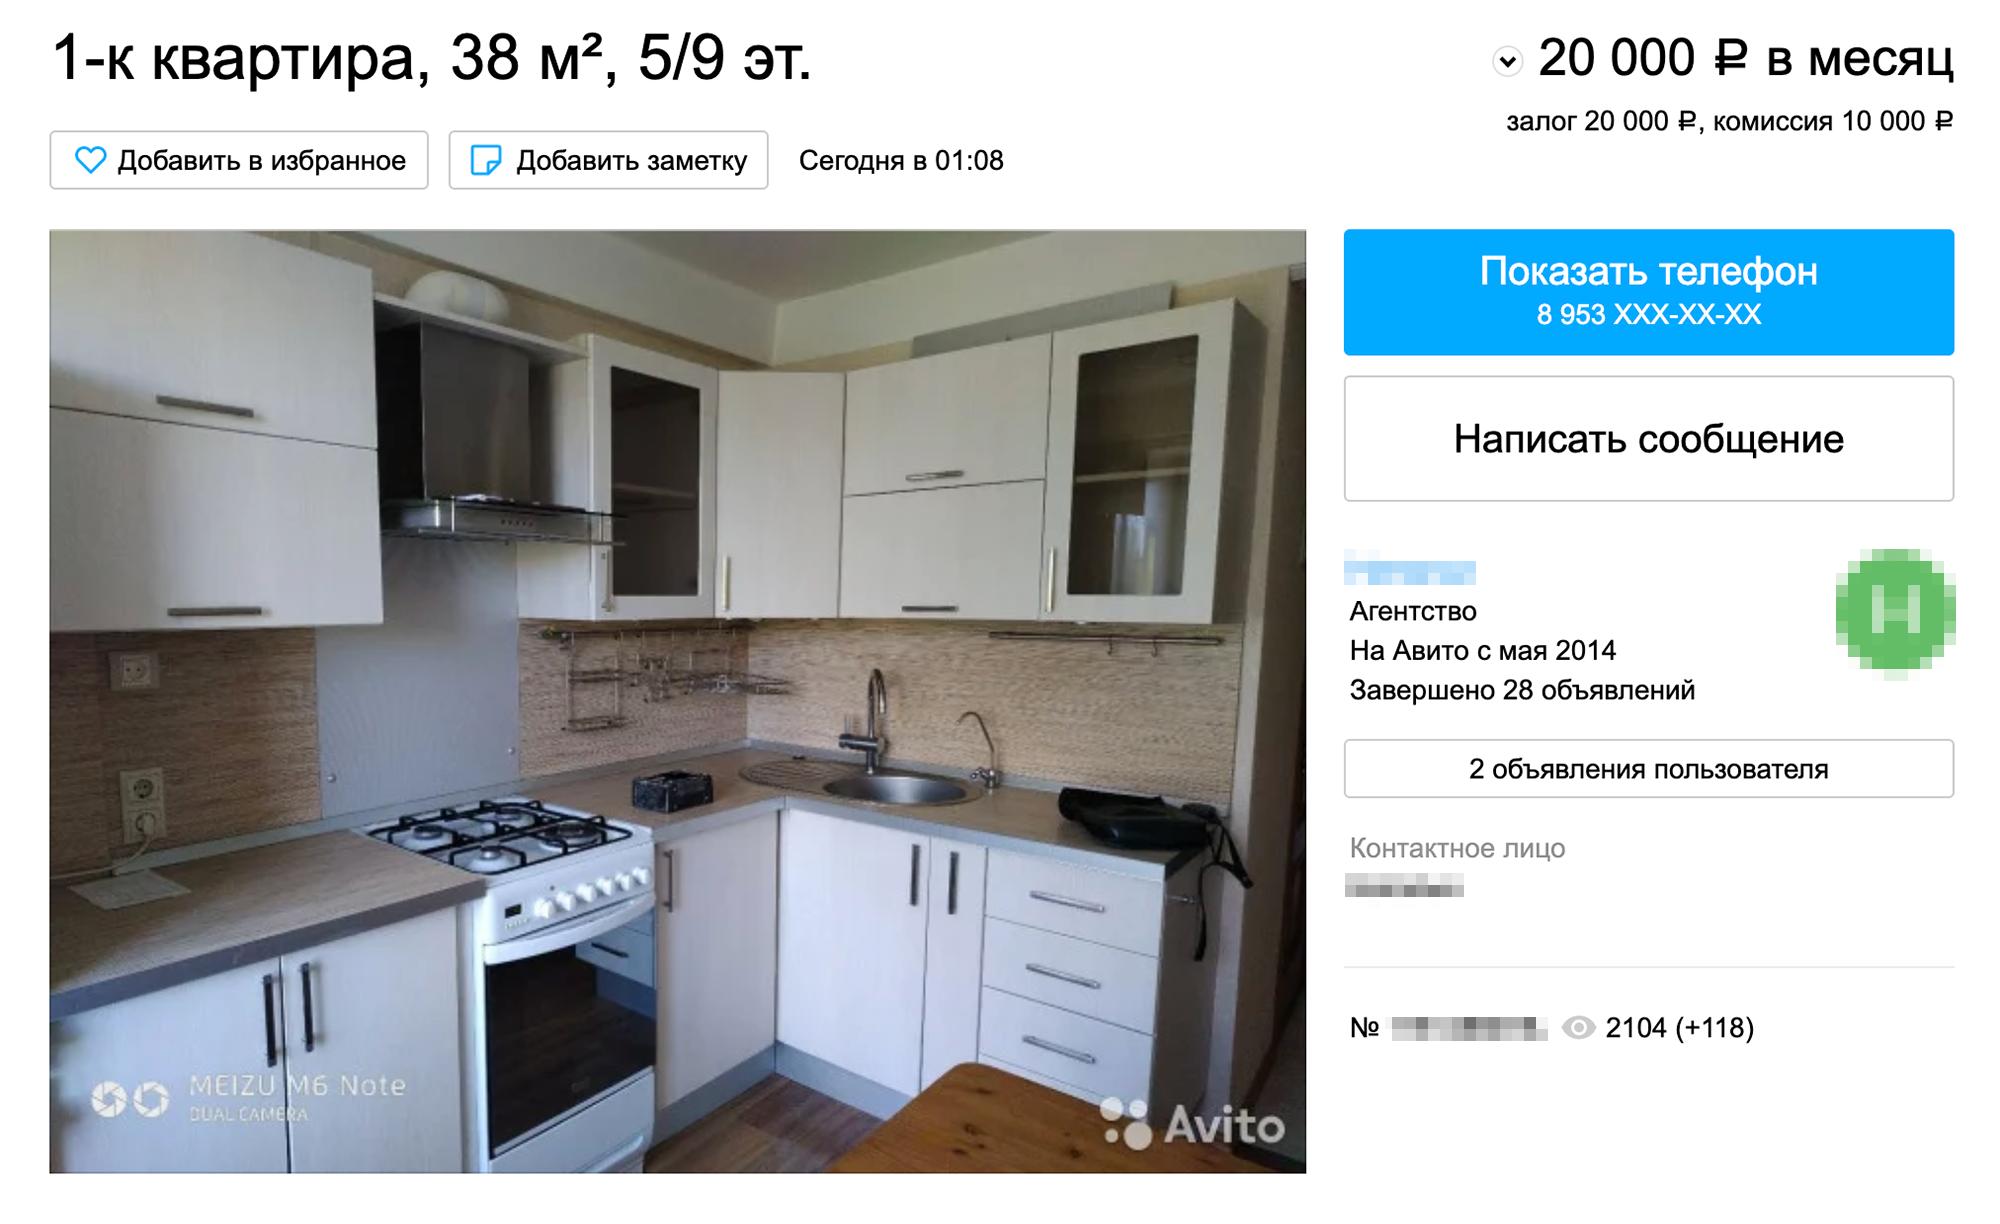 От обустроенности квартиры зависит цена аренды. Так, в одном районе пустую квартиру сдают за 12 тысяч, обустроенную старой мебелью — за 15, а с новой мебелью — за 20. Некоторые подумают, что разница небольшая, но если сдавать квартиру несколько лет, то с обустроенных квартир выхлопа будет больше